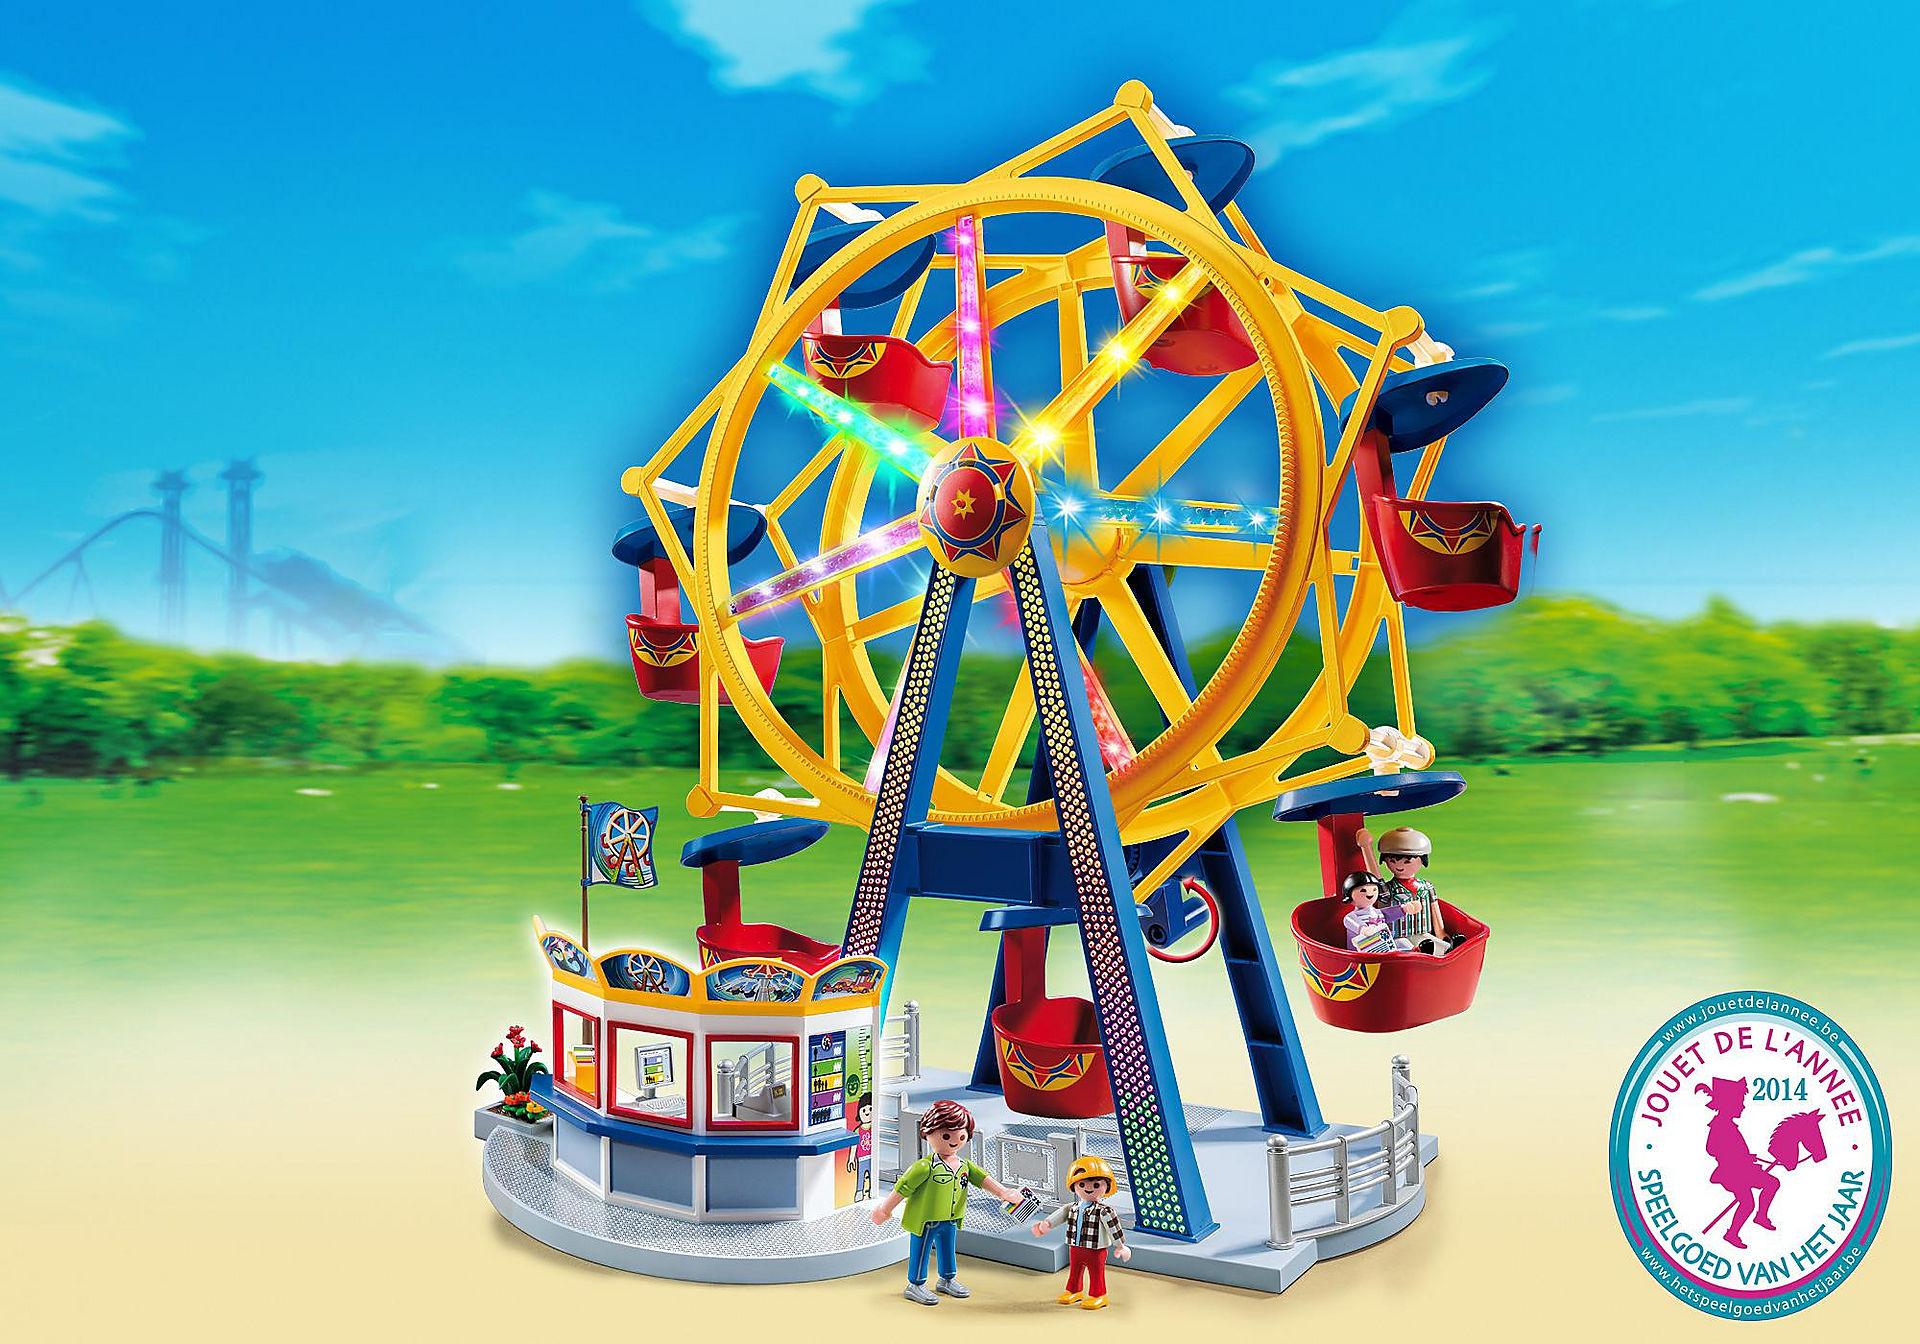 5552 Grande roue avec illuminations zoom image1